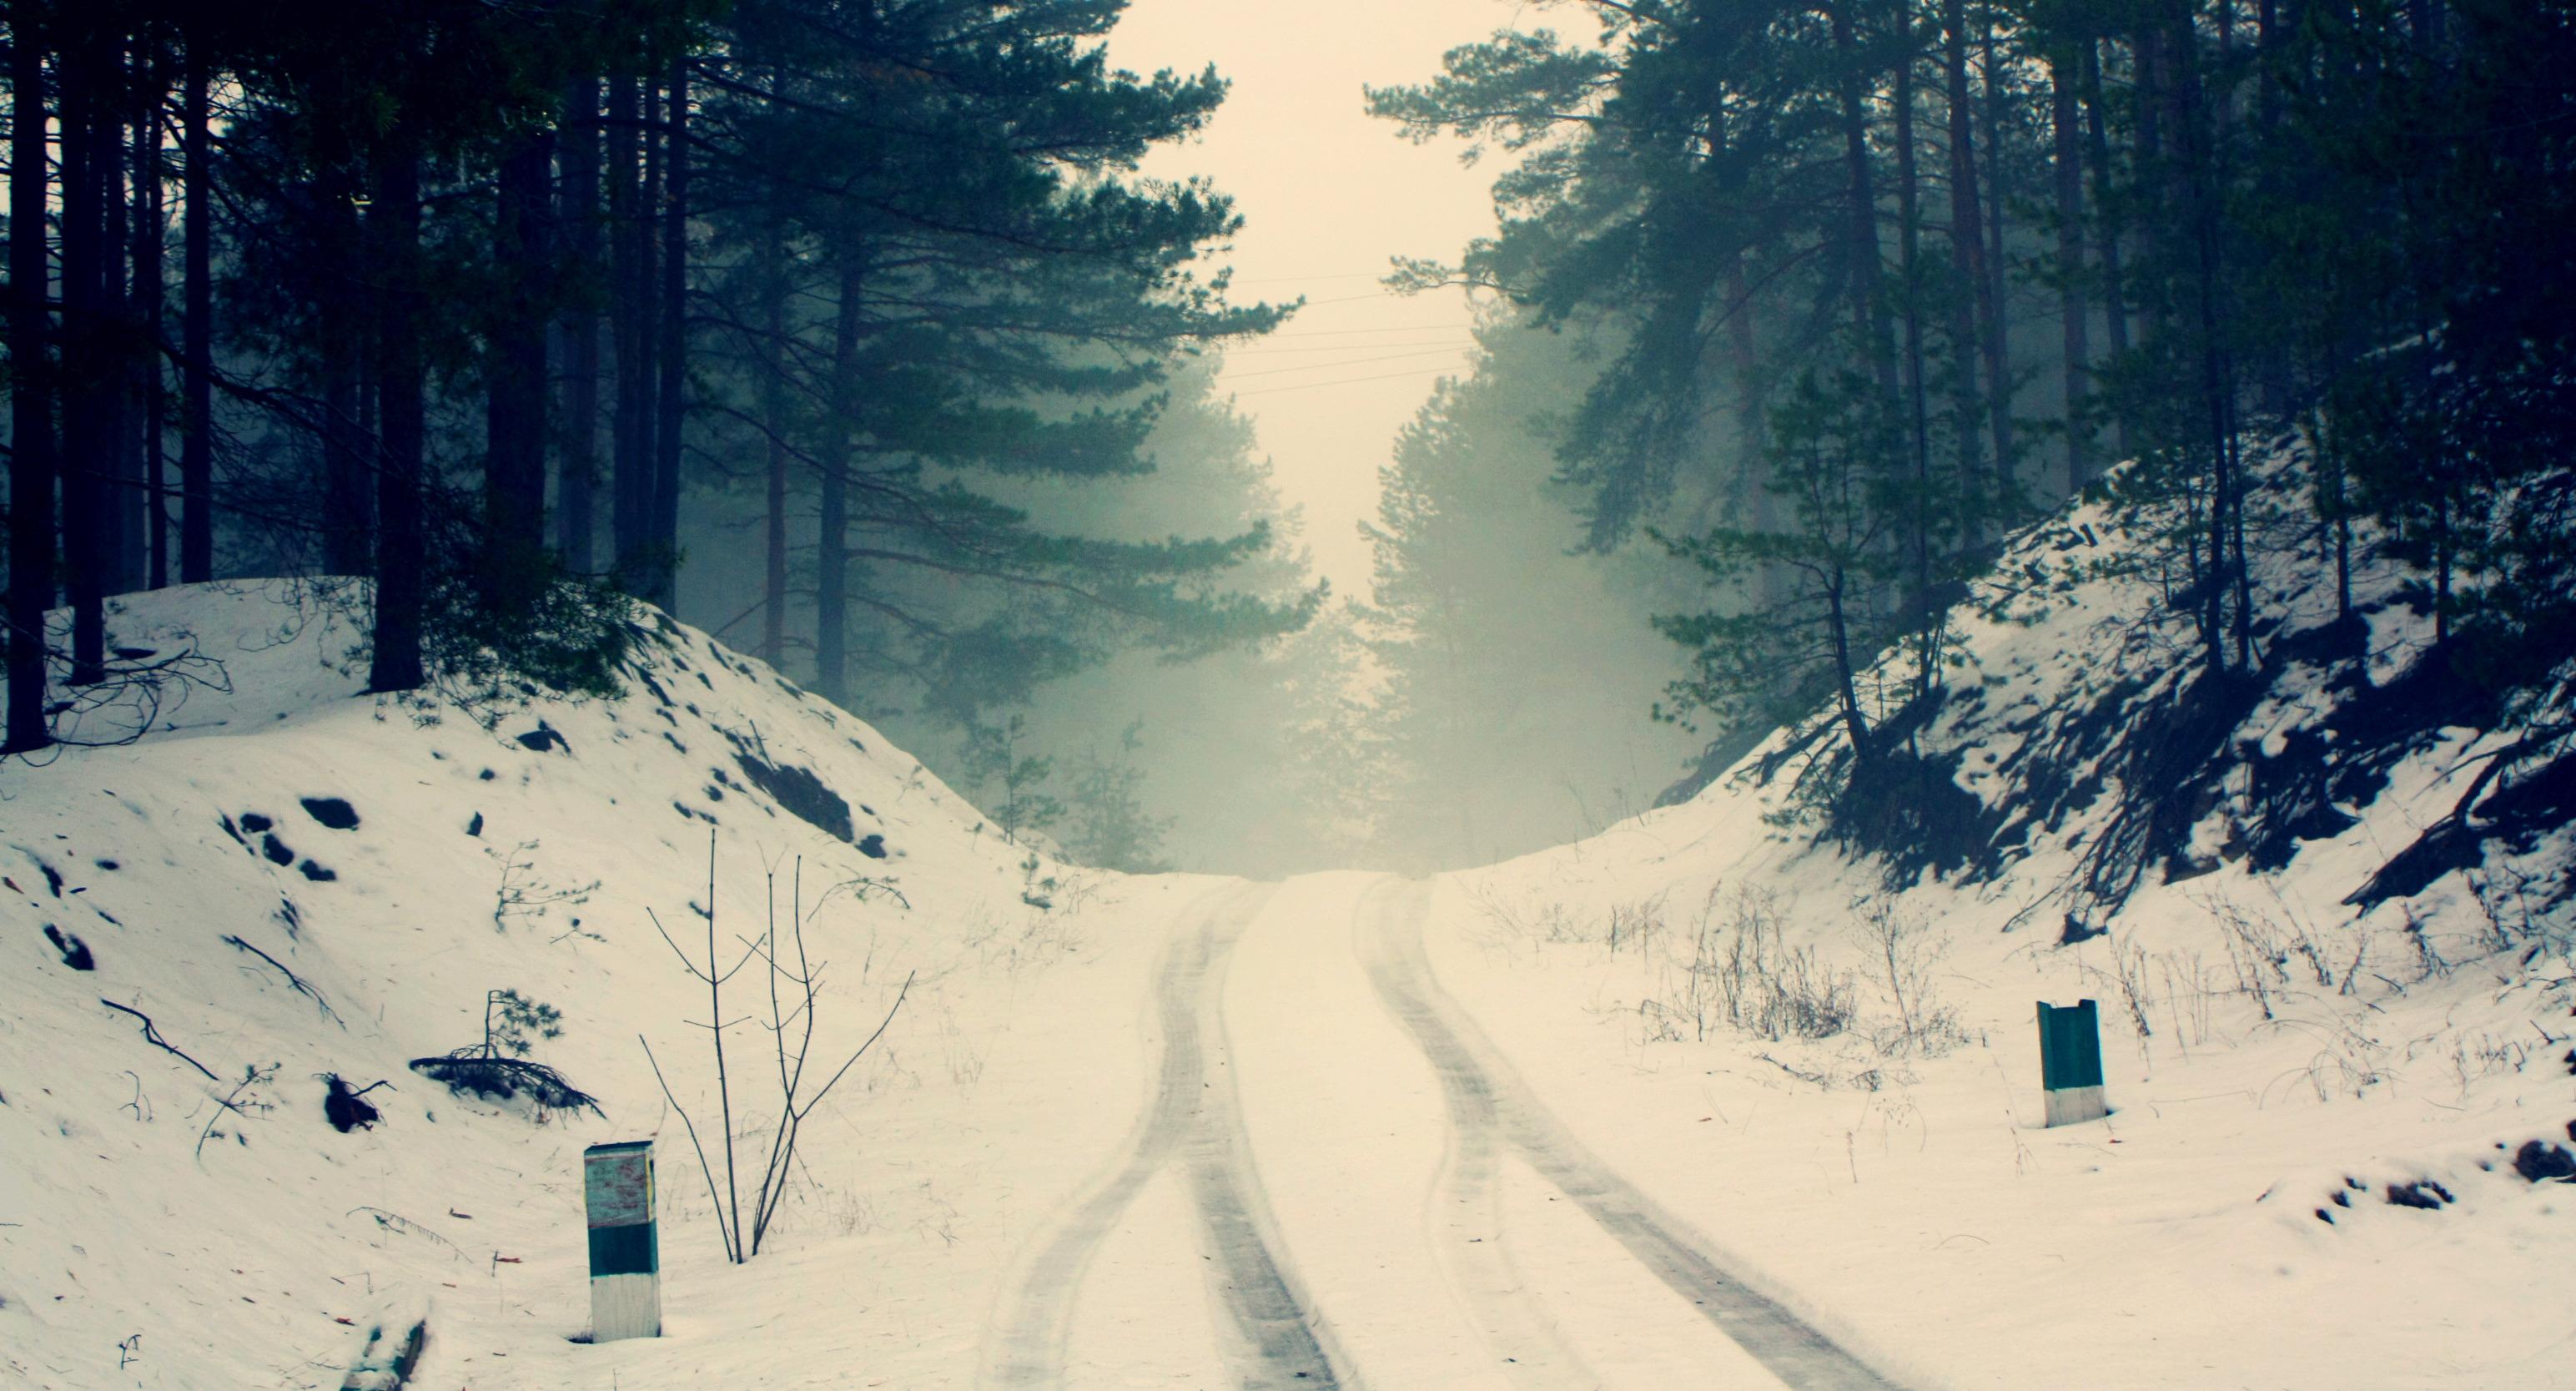 Обои картинки фото природа зима